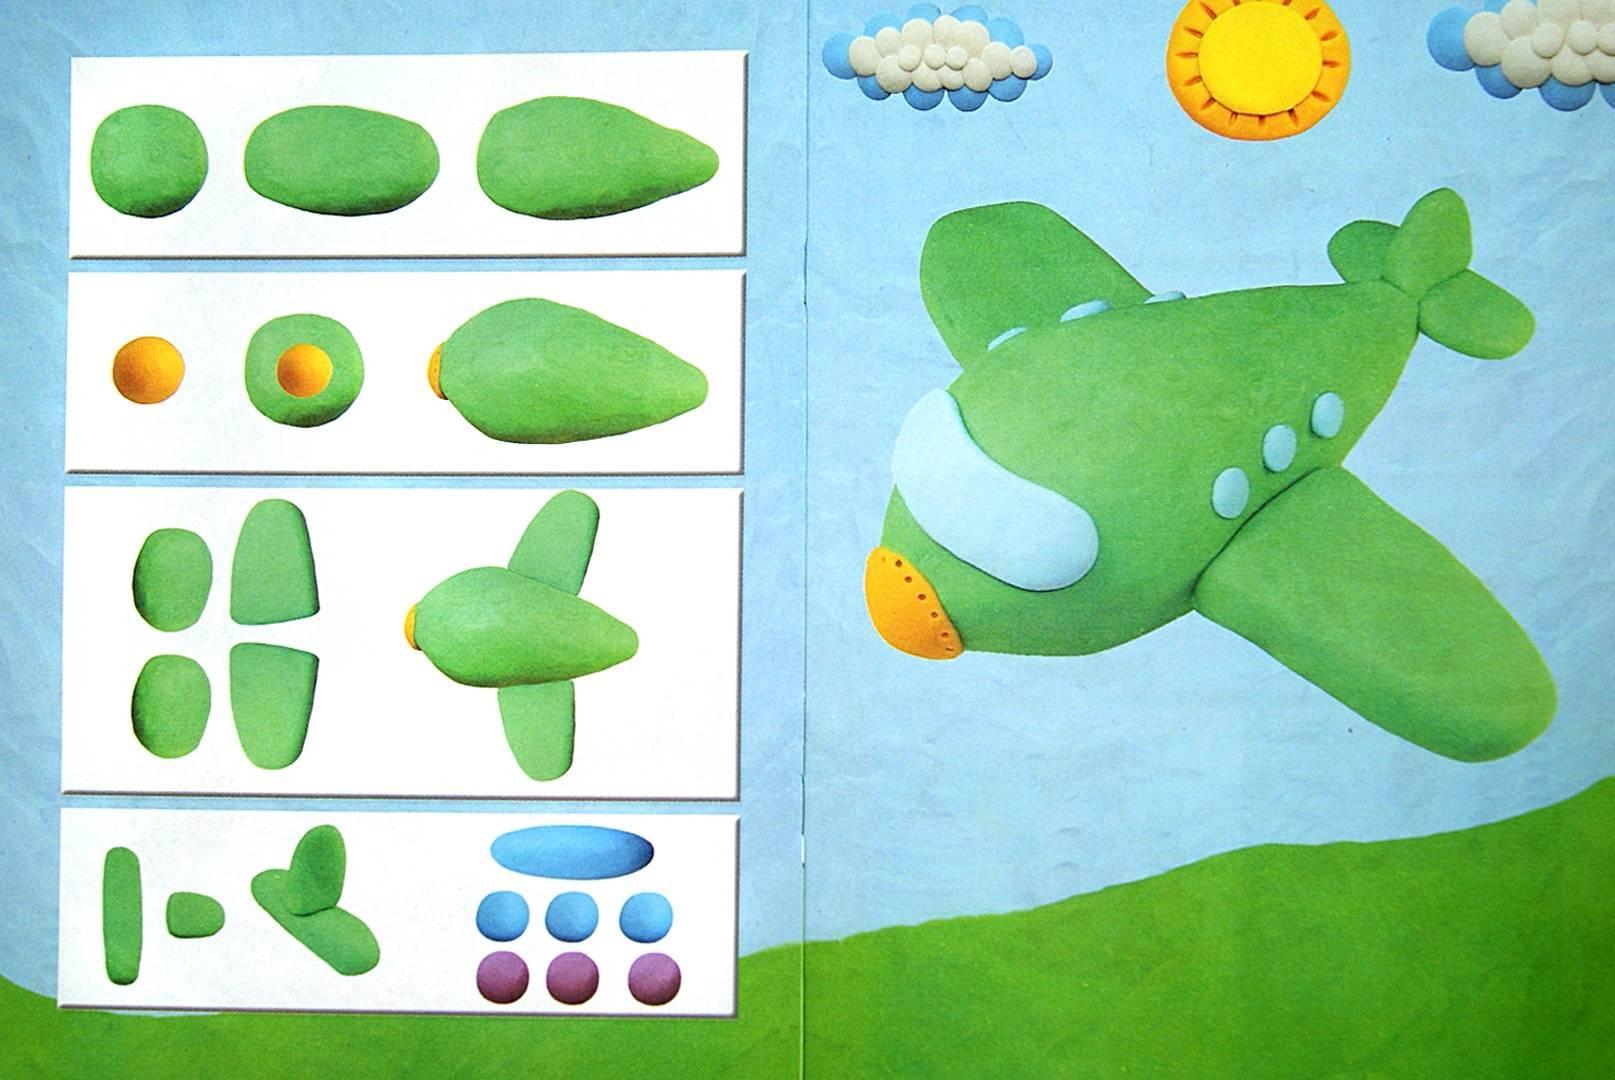 Интересные поделки из пластилина для детей: пошаговая инструкция как слепить красивые поделки своими руками. 115 фото лучших идей для детей